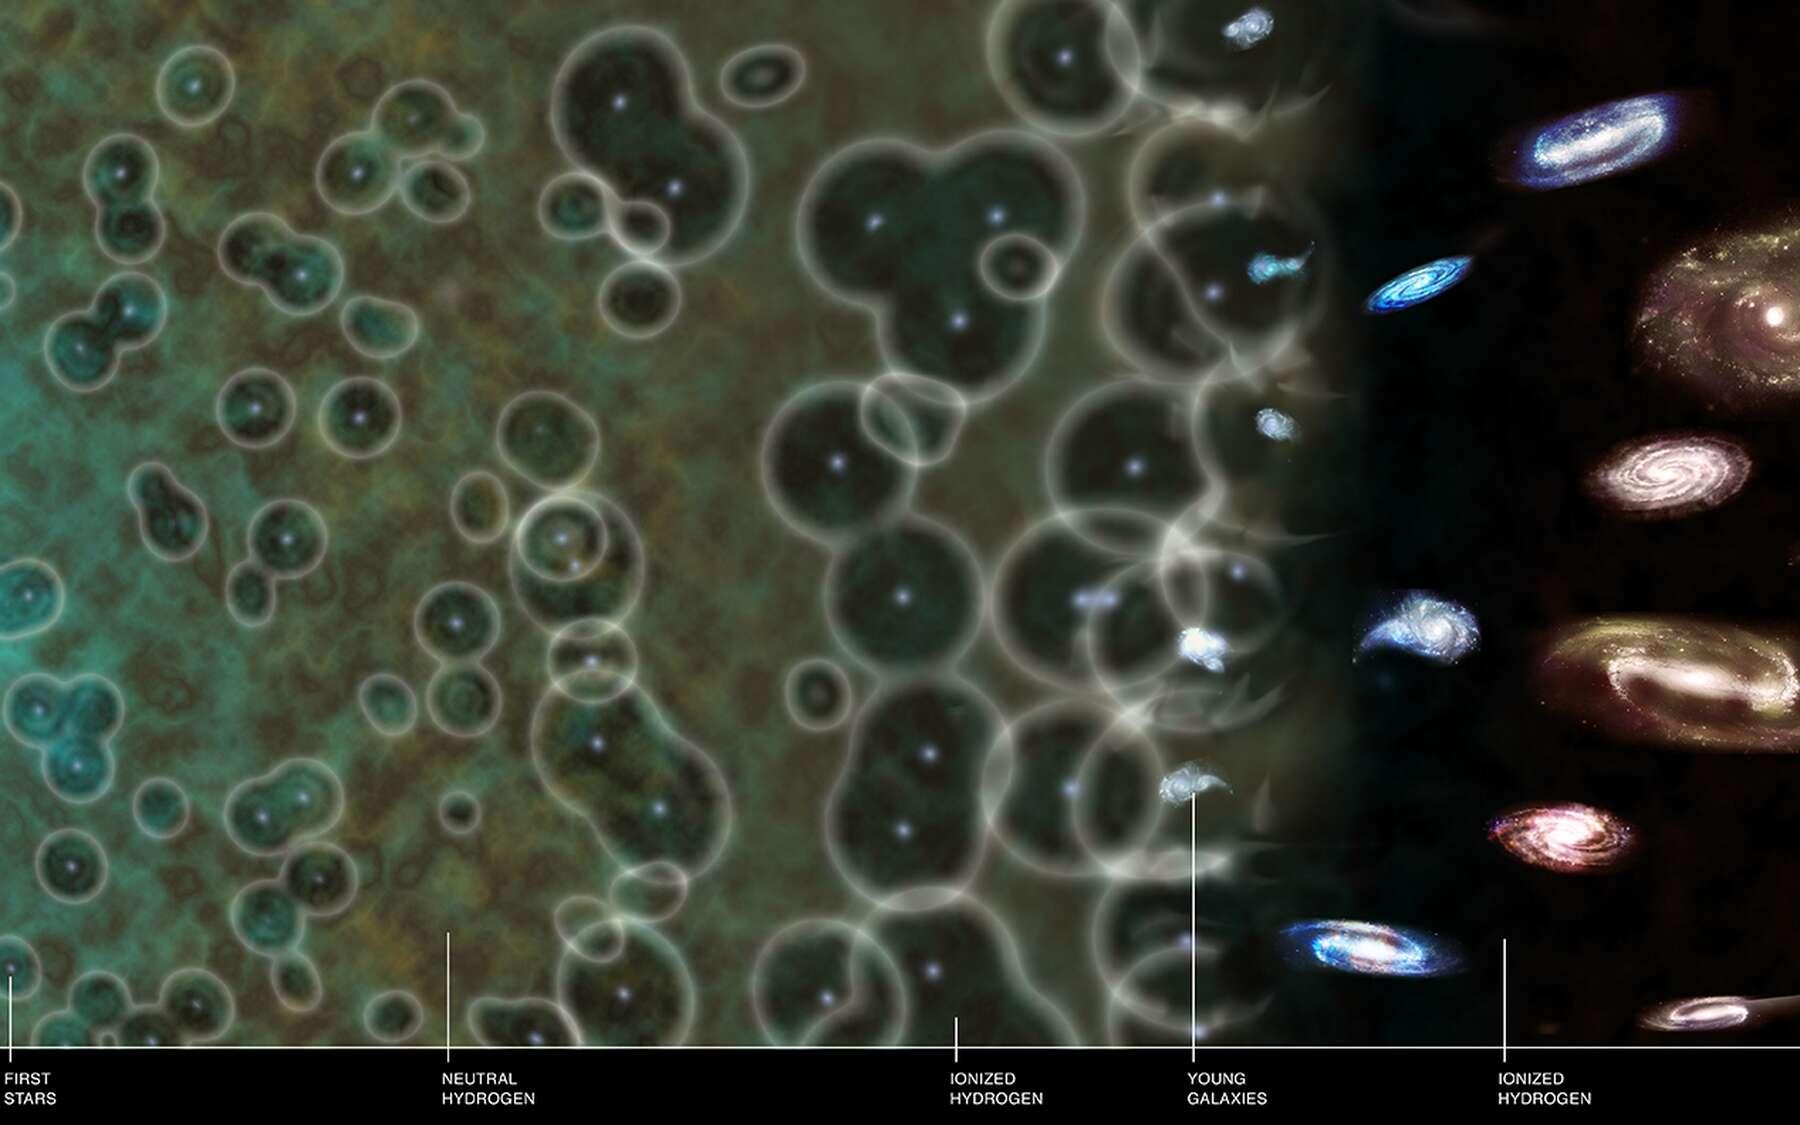 De gauche à droite depuis le Big Bang jusqu'à la fin de la réionisation, on voit les premières étoiles (first stars) créant des bulles d'hydrogène ionisé dont le front grandit dans l'hydrogène intergalactique neutre de l'époque. © Nasa/CXC/M. Weiss